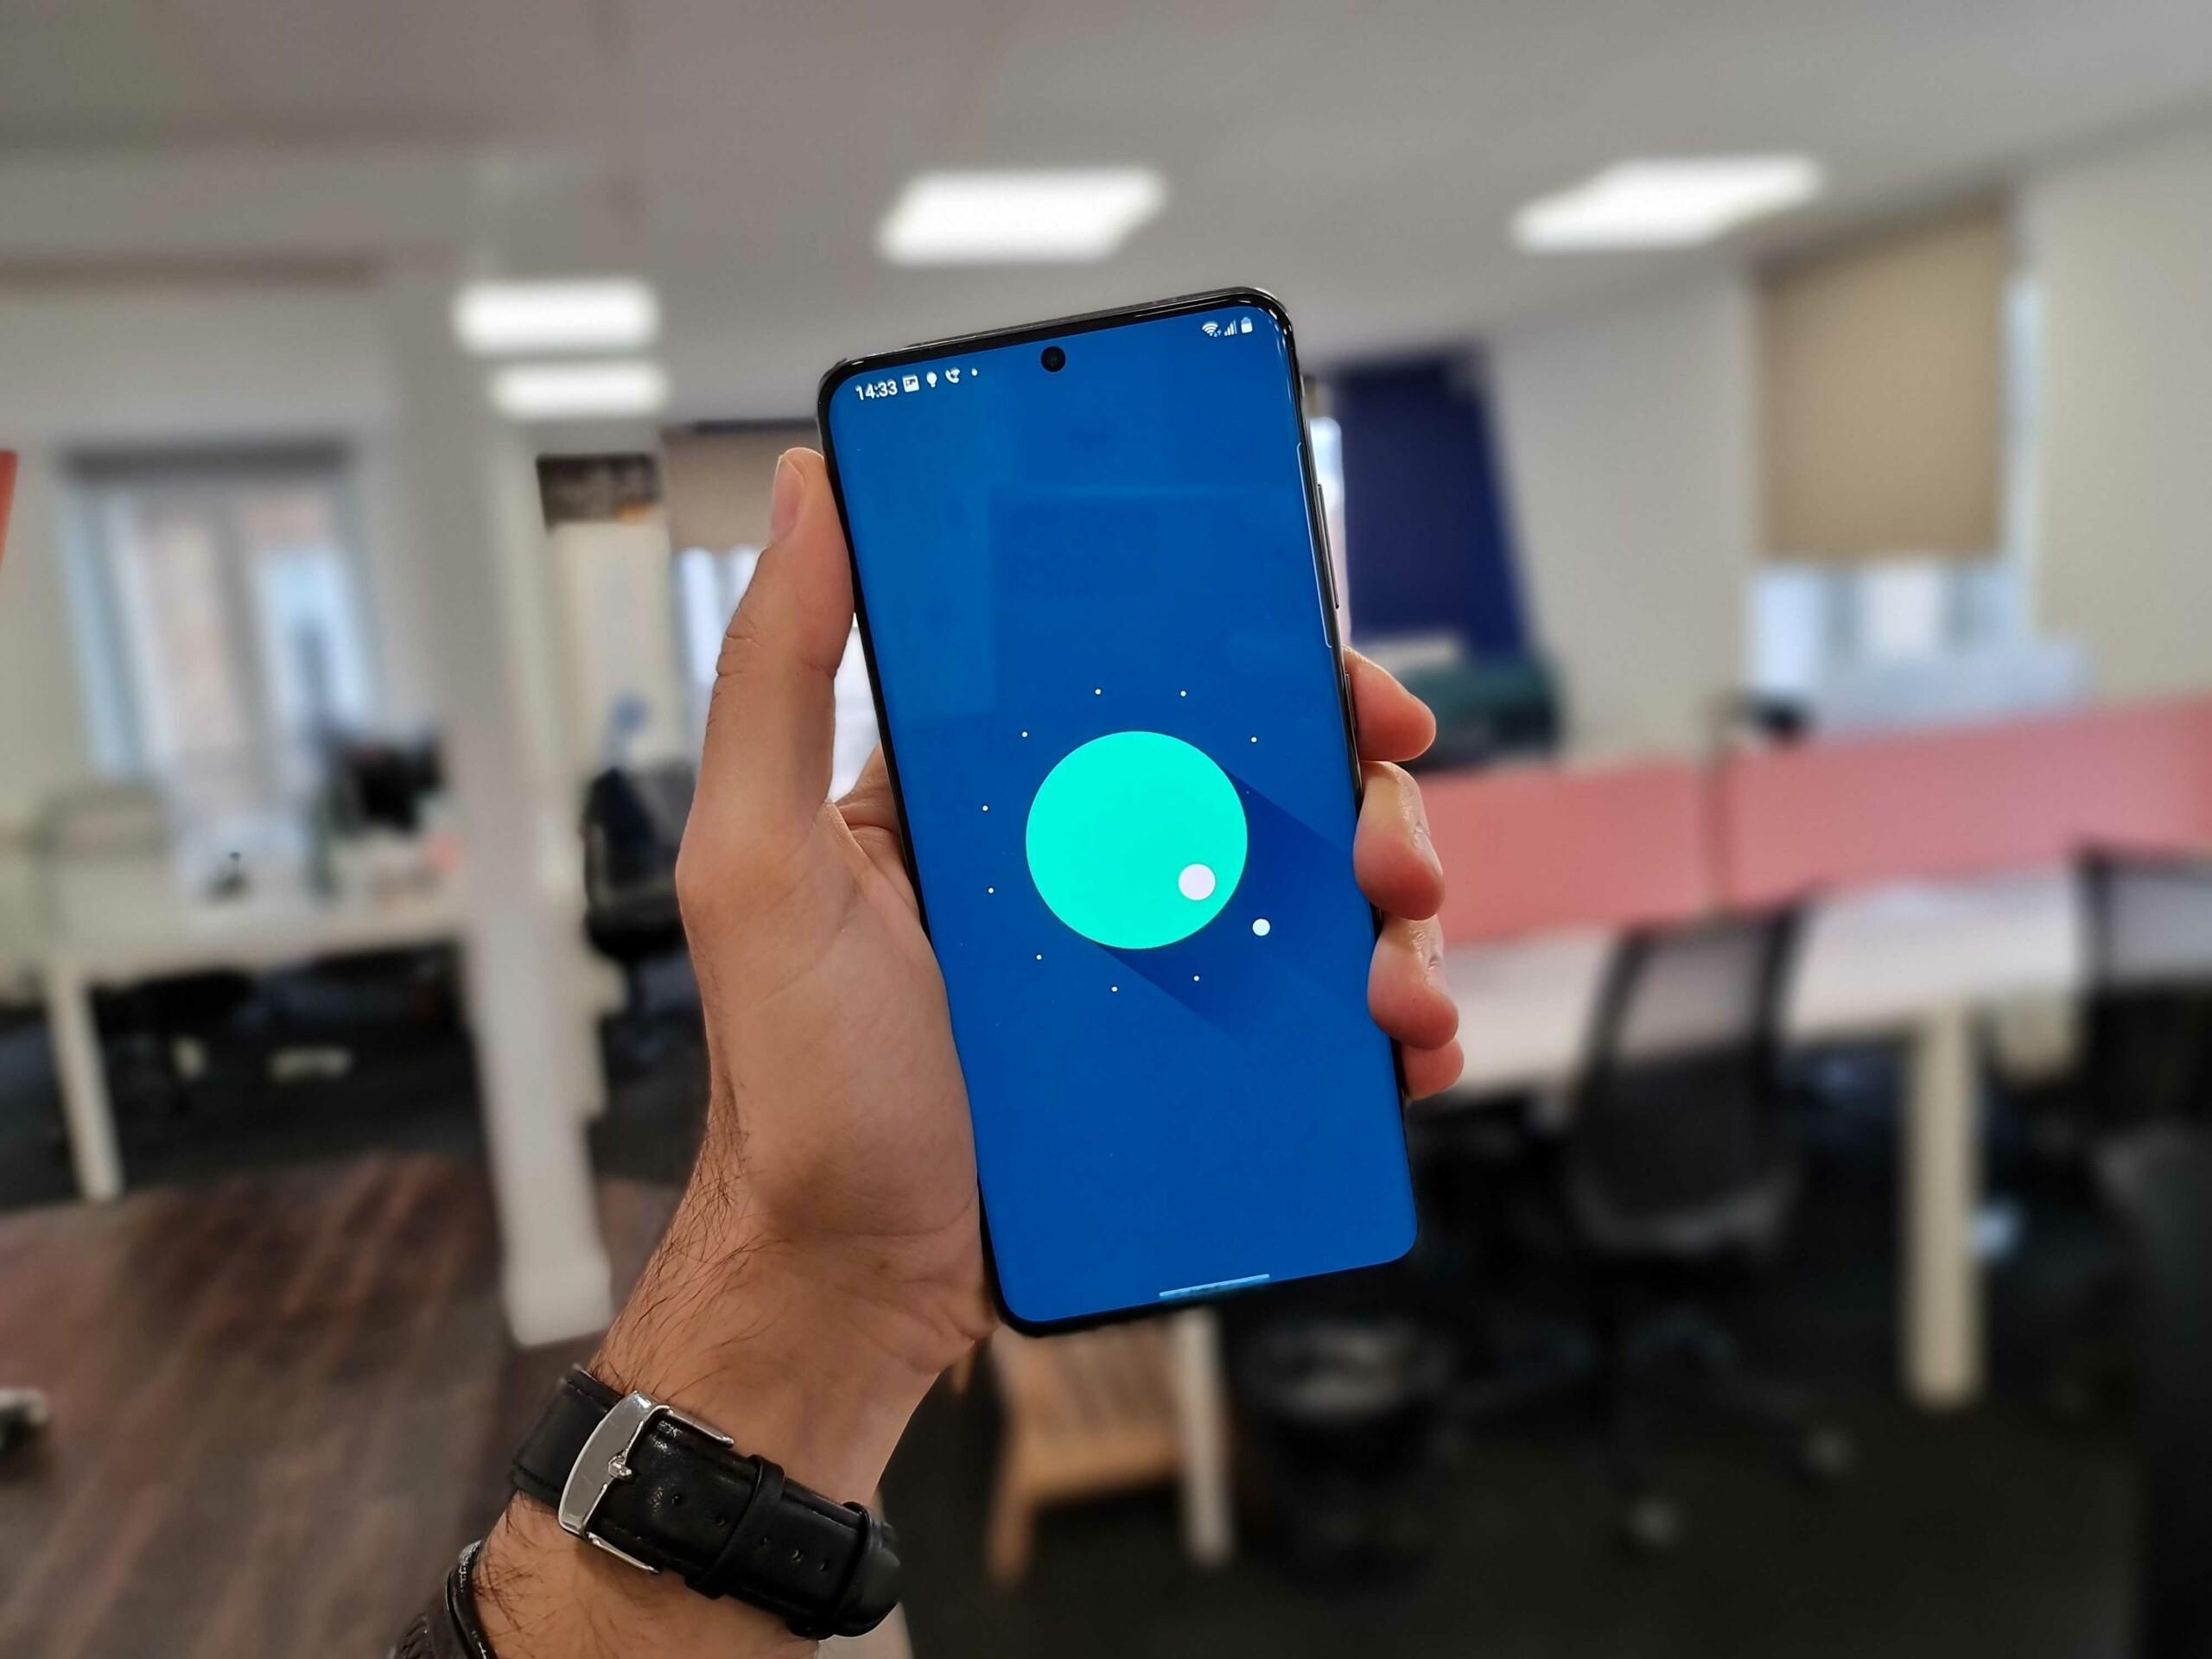 Prise en main de Samsung One UI 3: les petits détails qui comptent